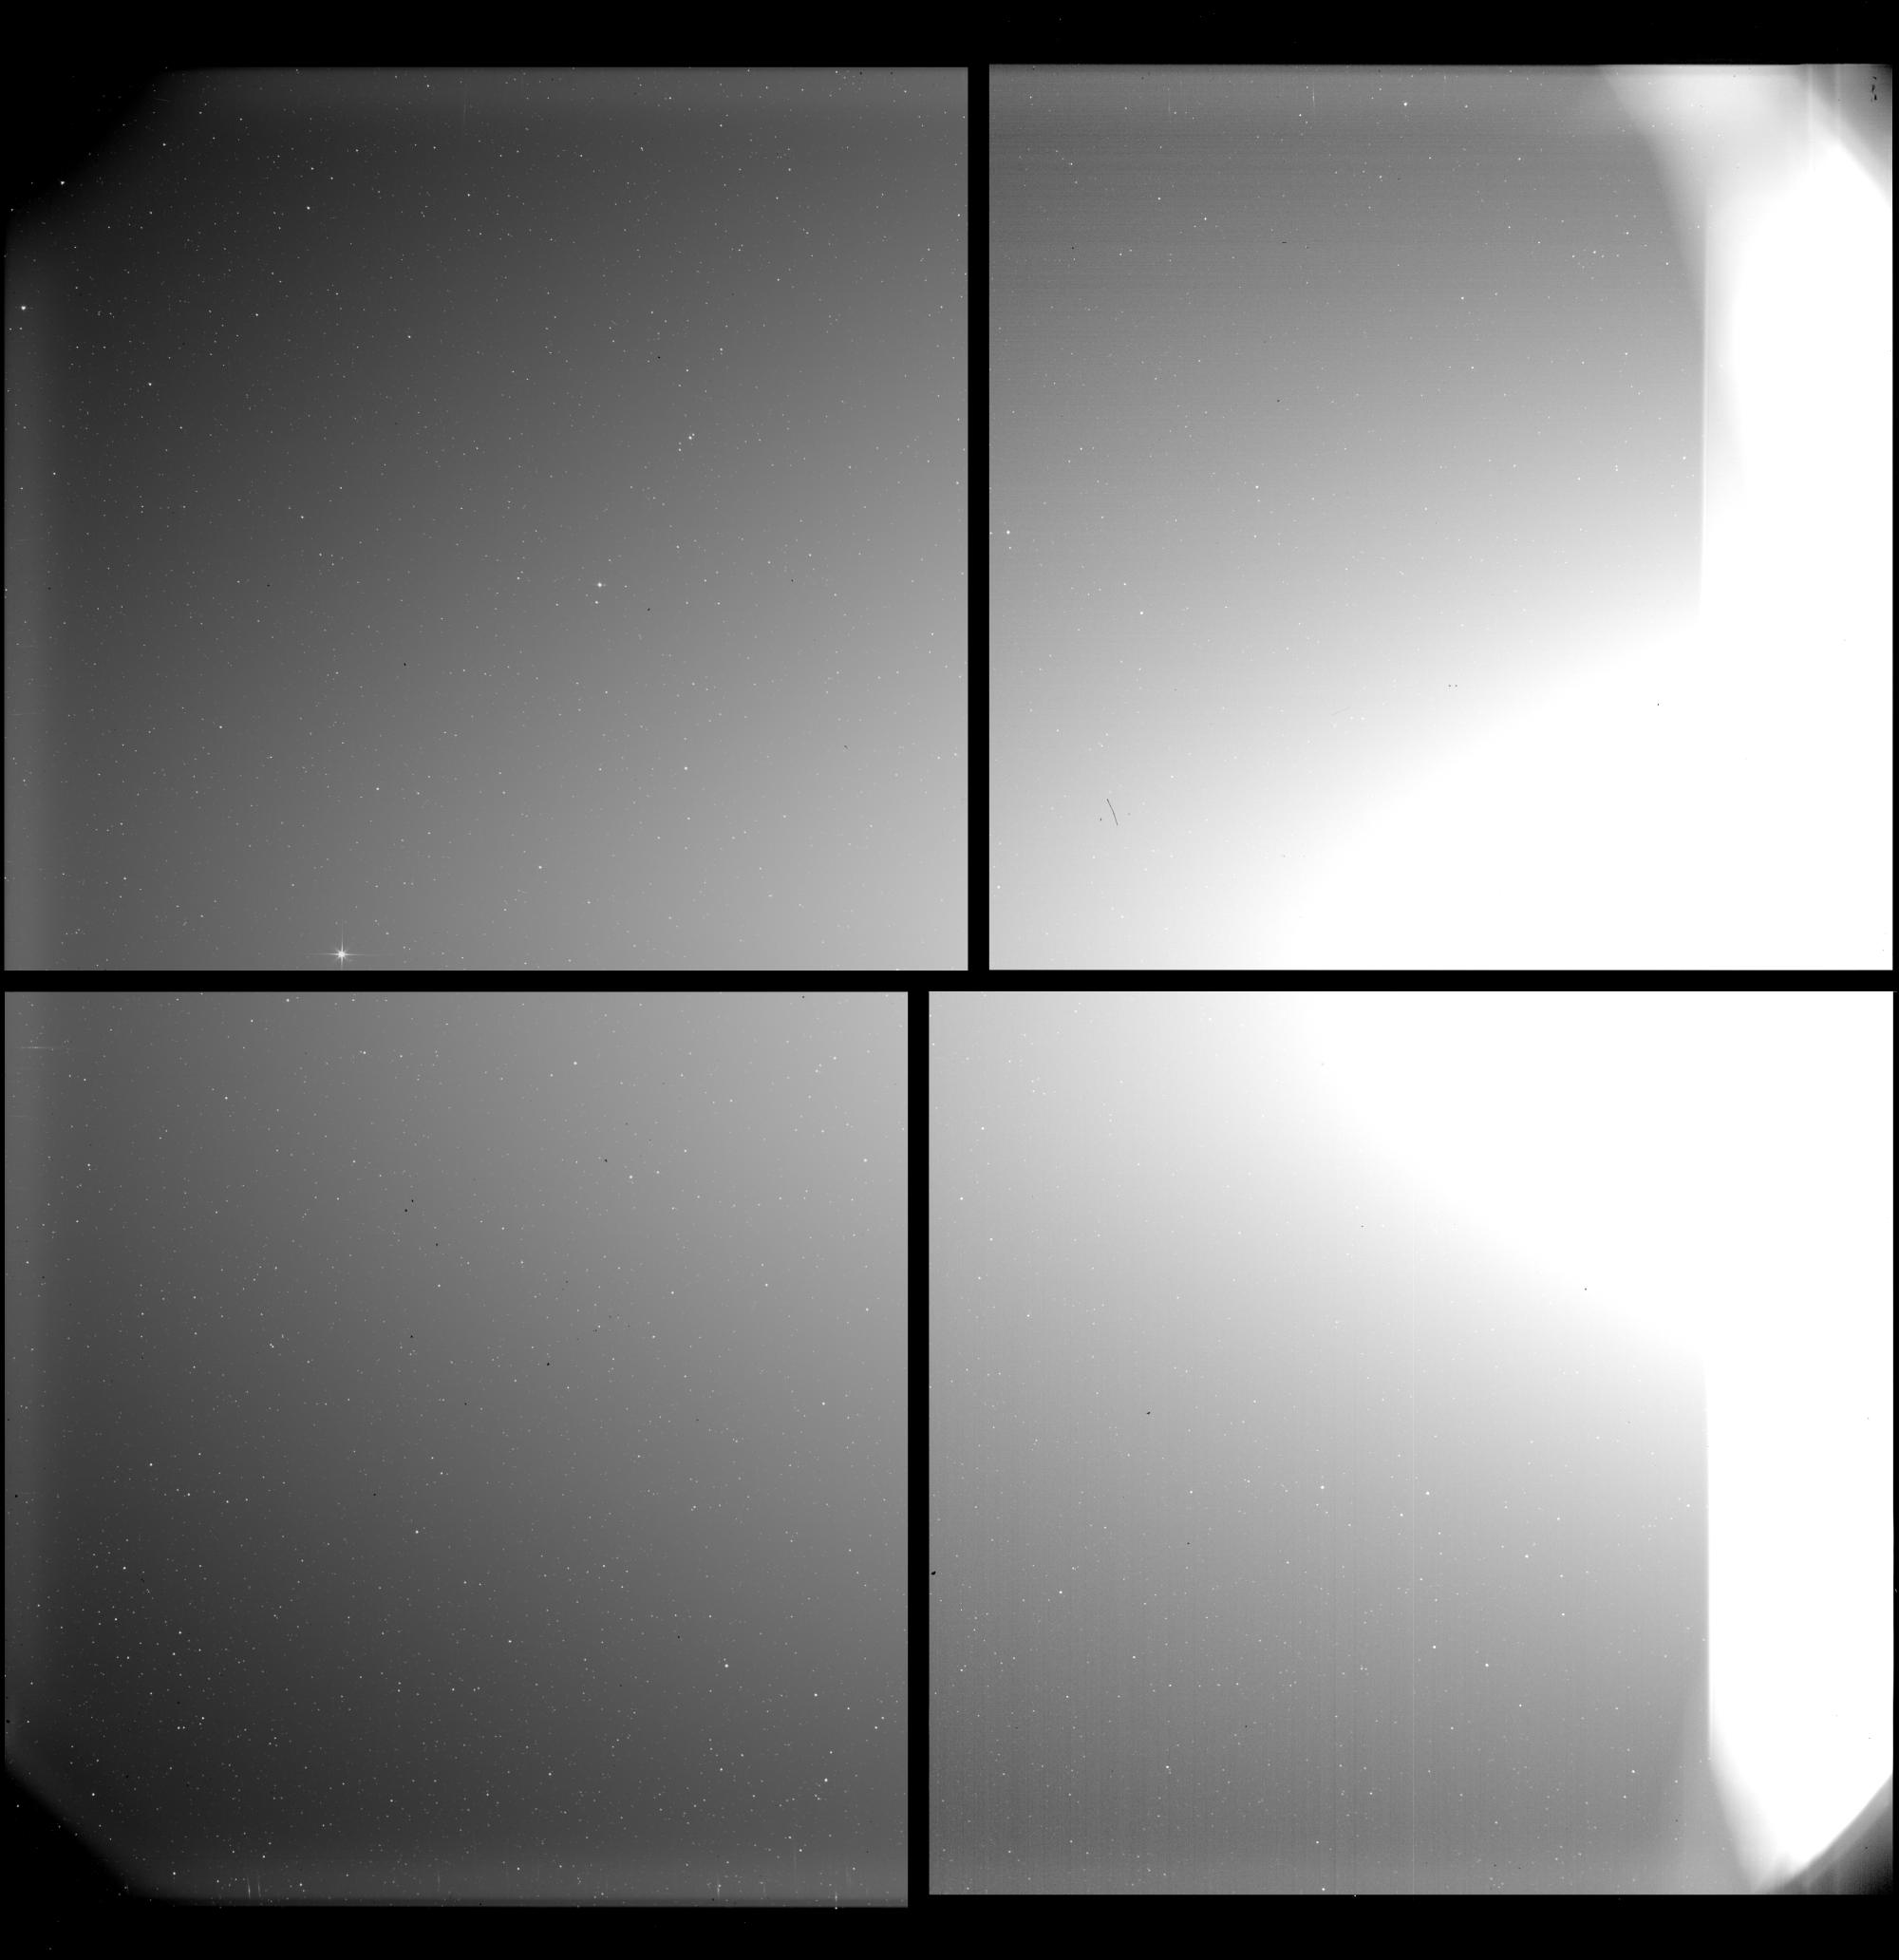 Solar_Orbiter_SoloHI_firstlight_2k.png